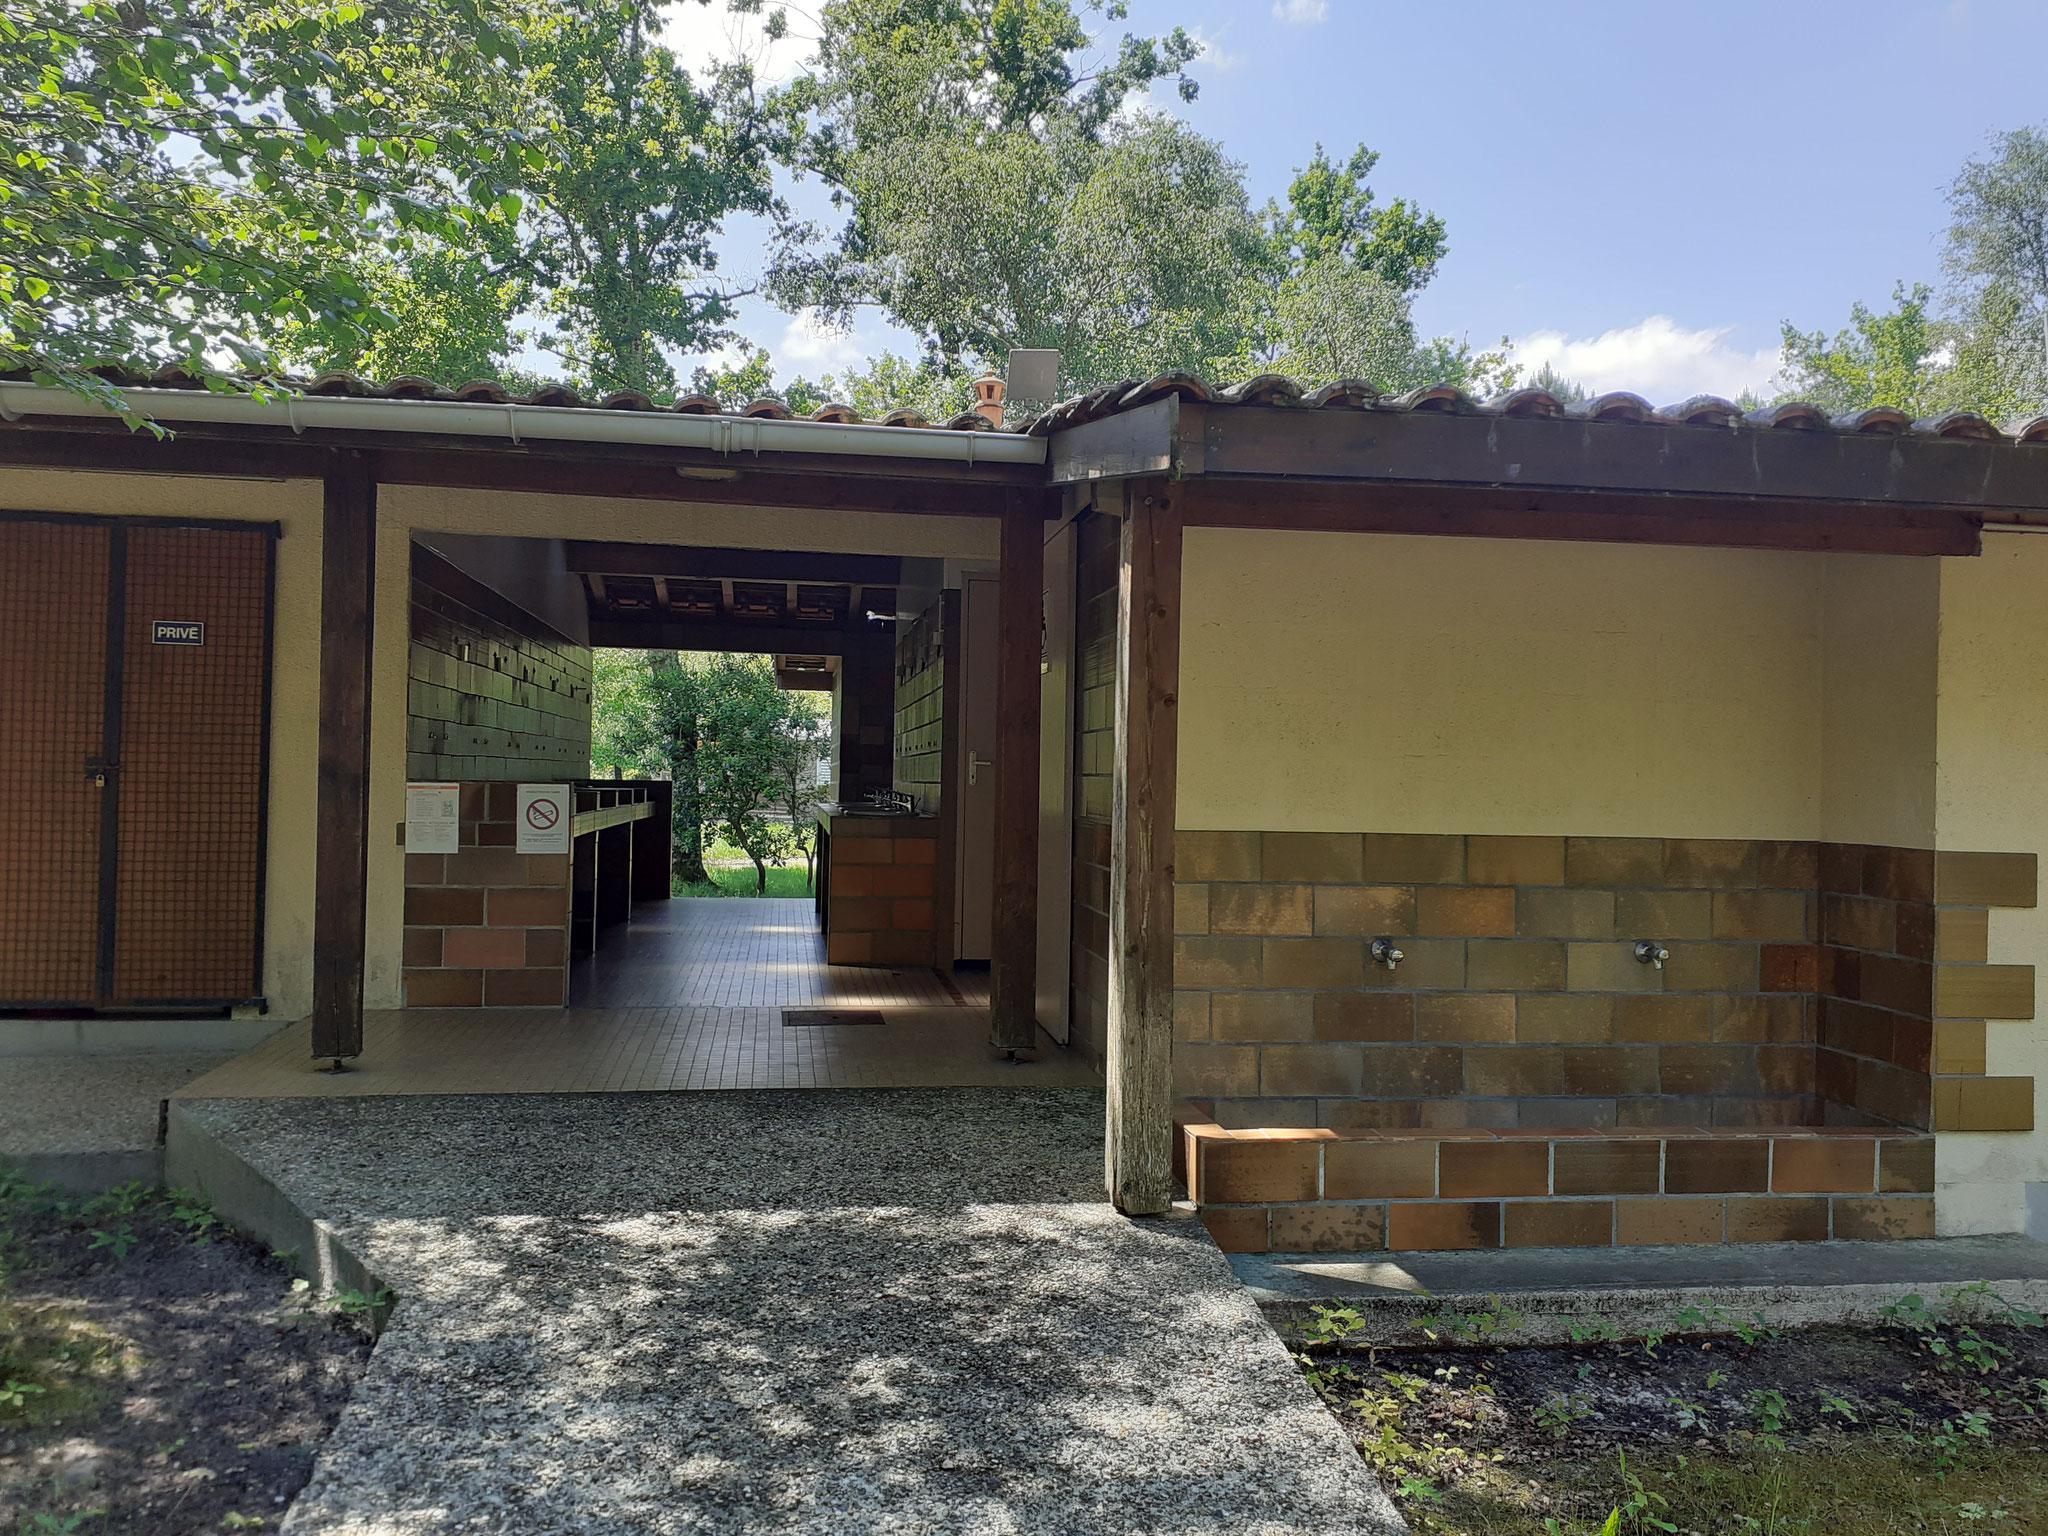 Sanitaire - Entrée 2 avec rampe d'accés P.M.R. vers SDB P.M.R. et toilettes